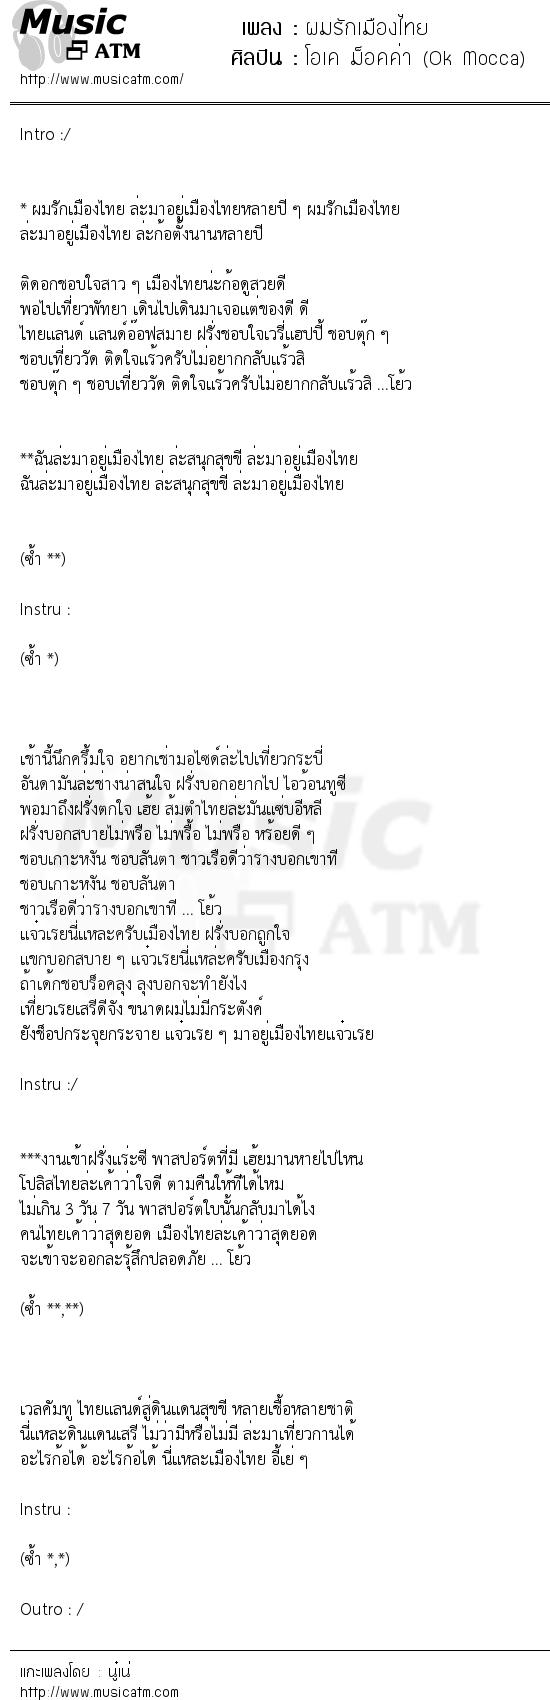 เนื้อเพลง ผมรักเมืองไทย - โอเค ม็อคค่า (Ok Mocca) | เพลงไทย